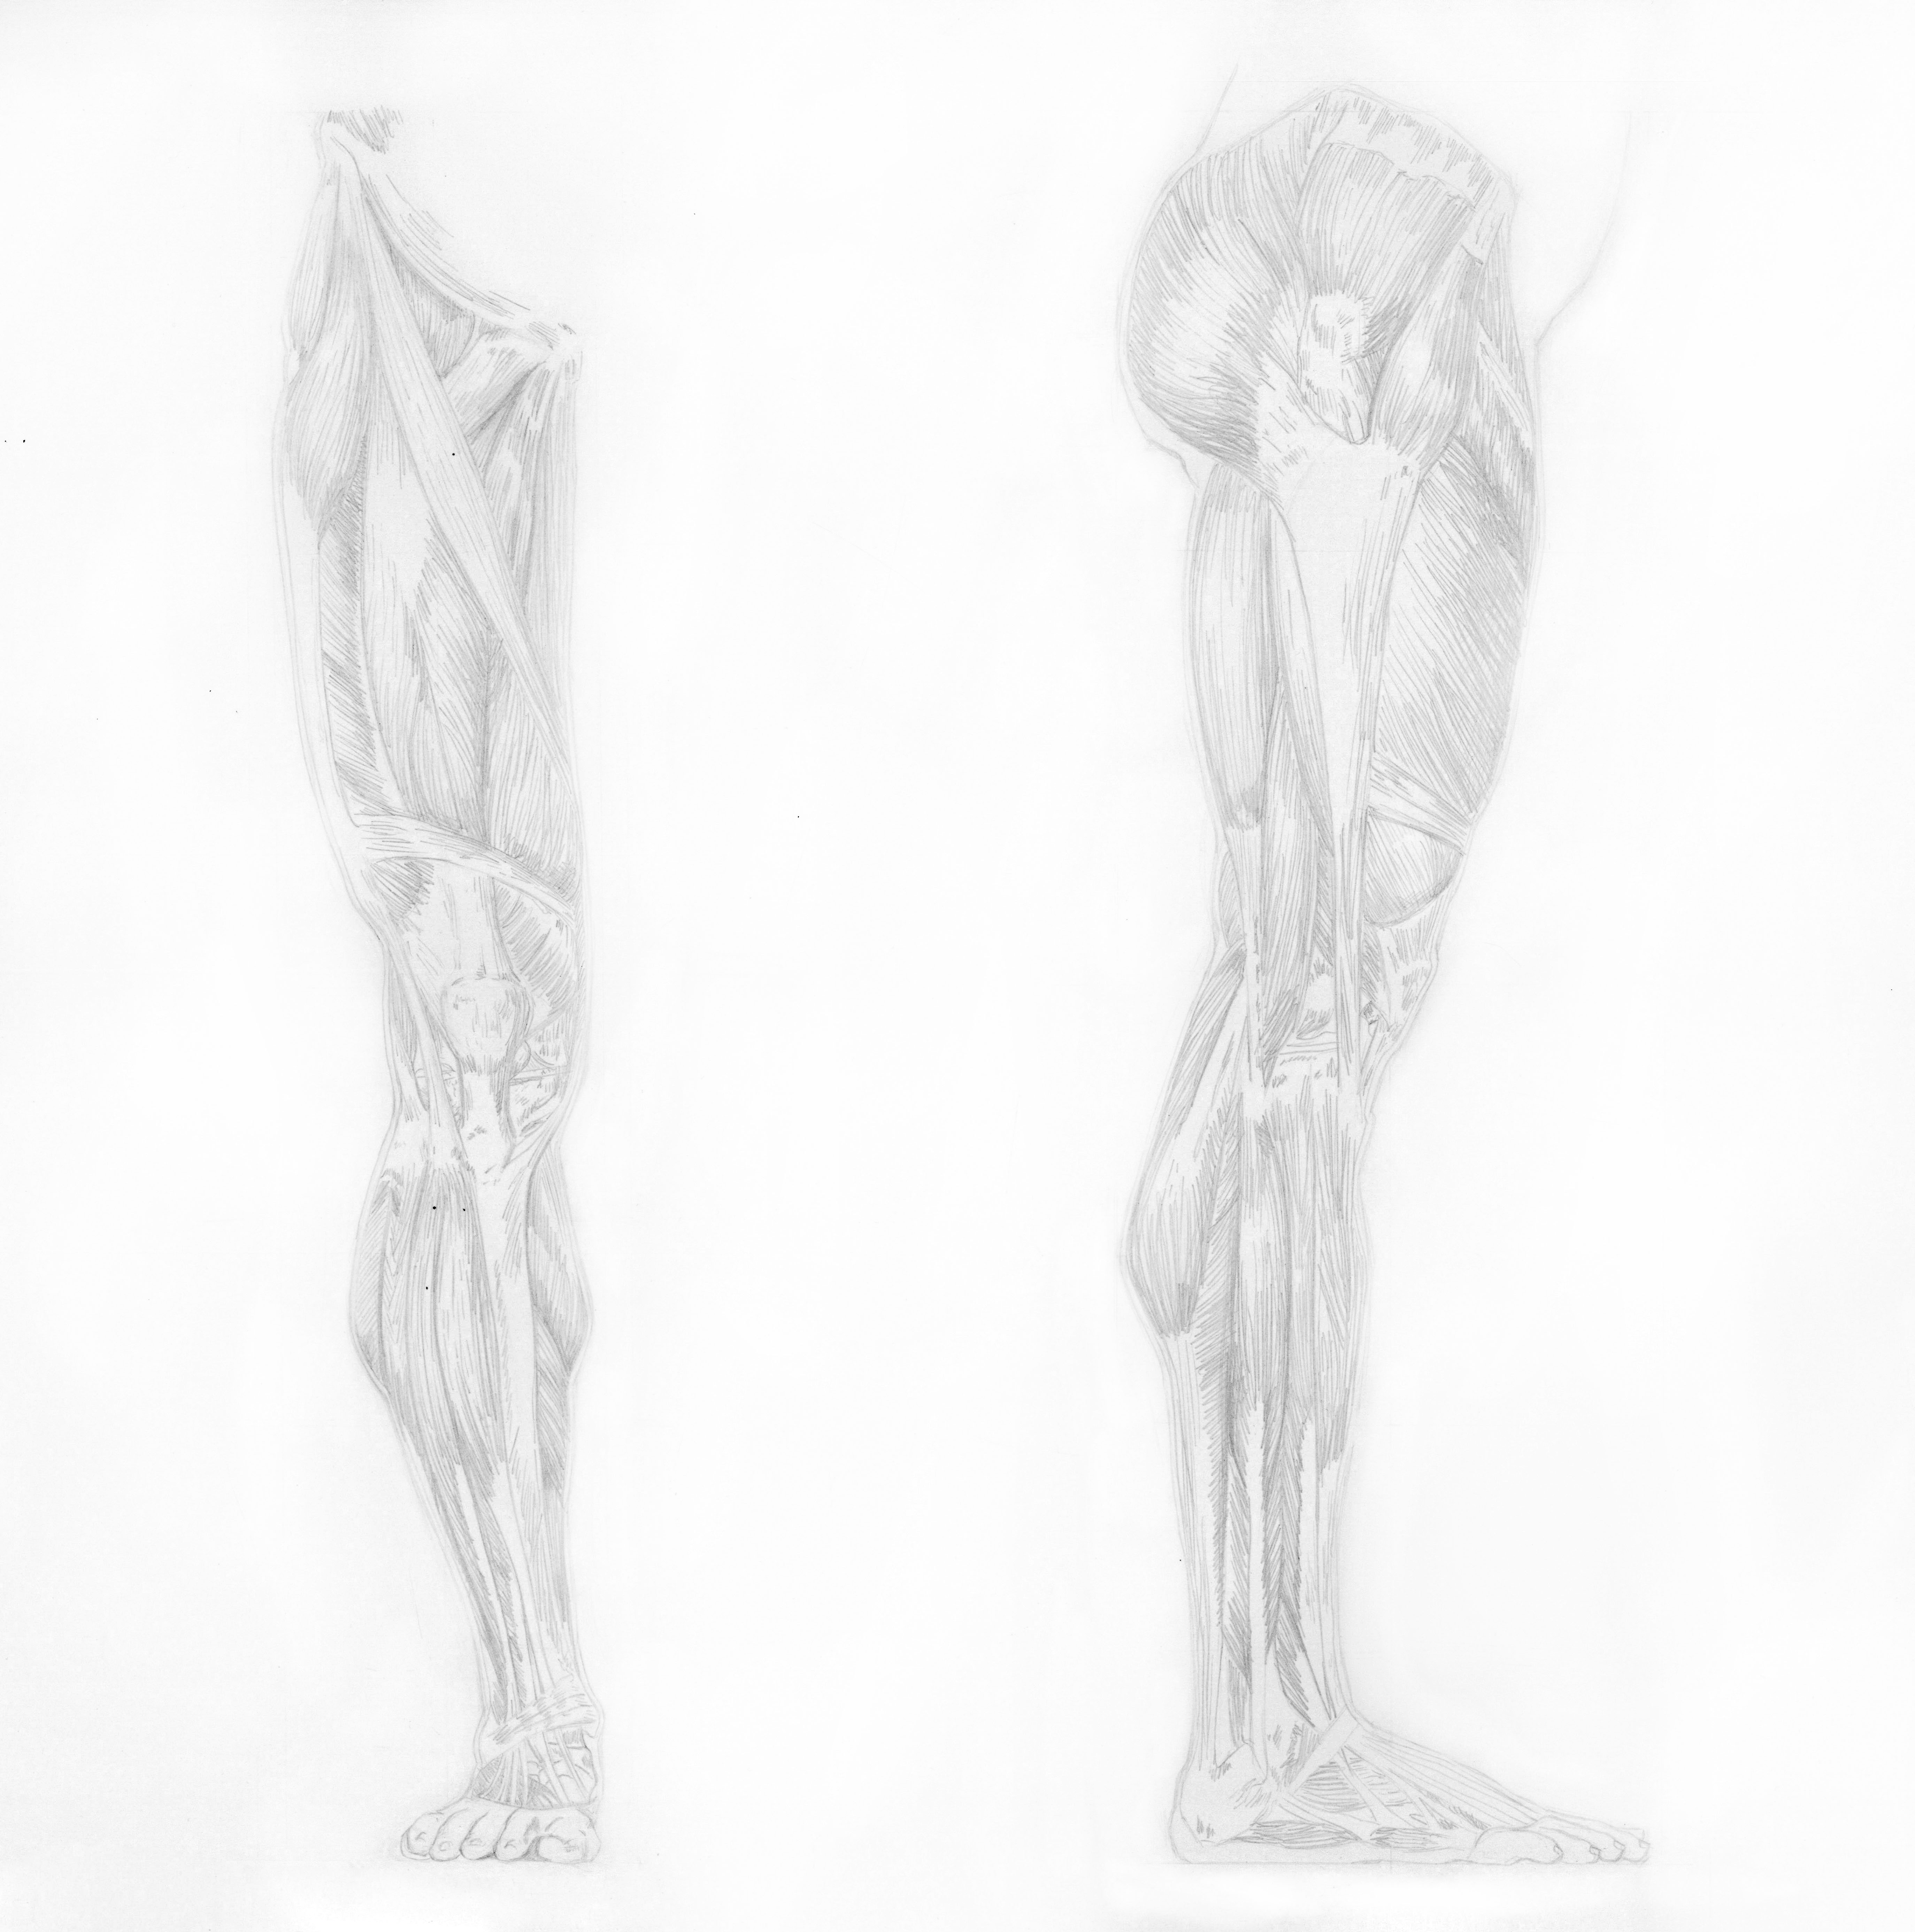 muscle leg study